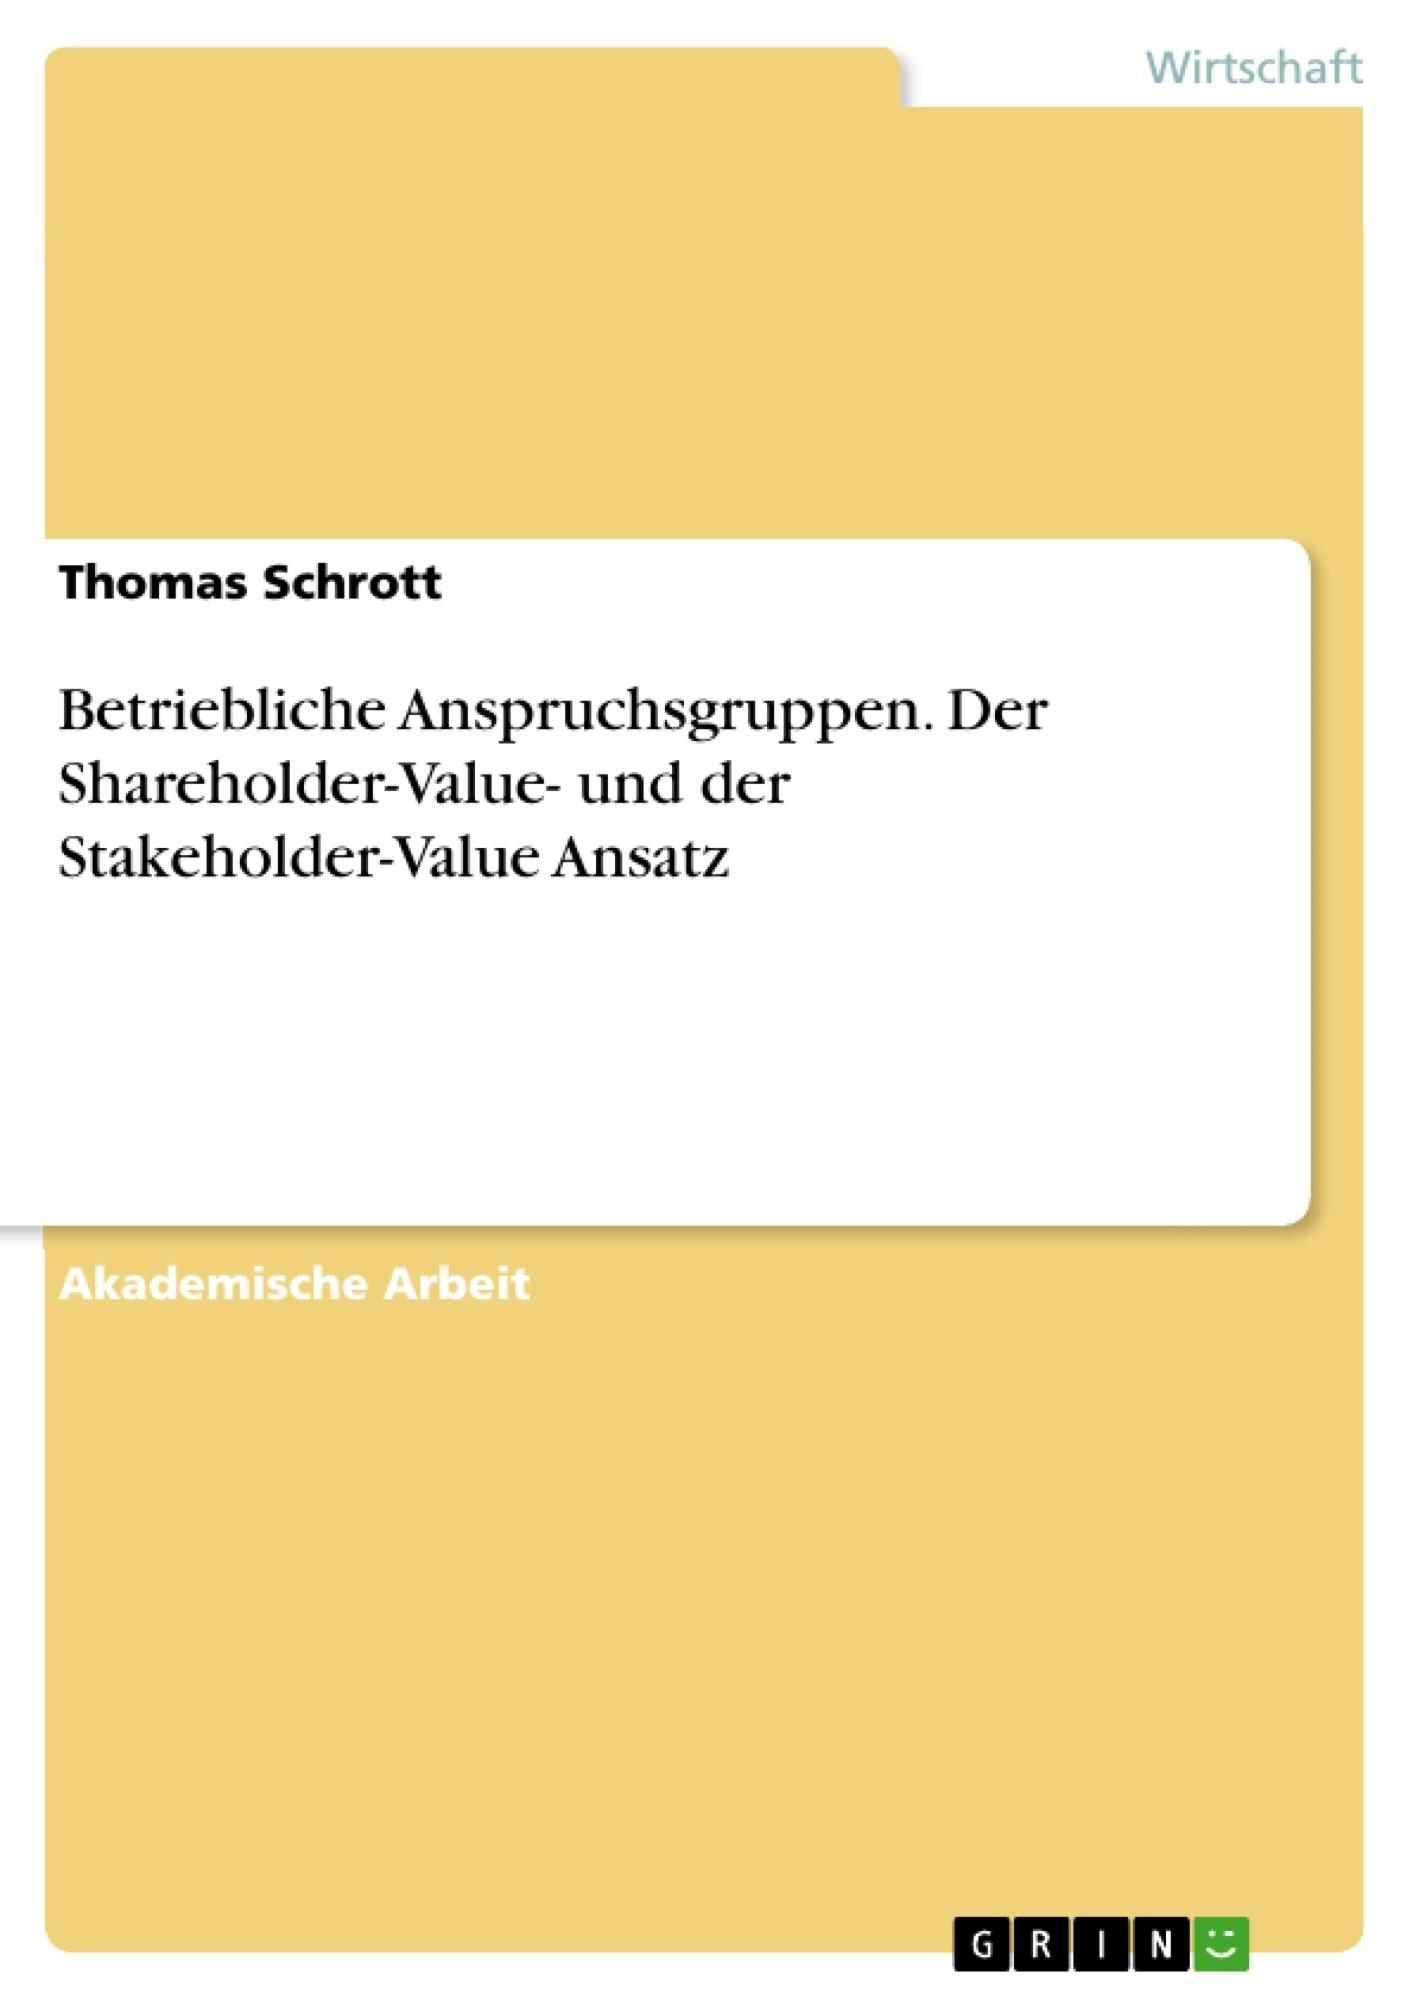 Titel: Betriebliche Anspruchsgruppen. Der Shareholder-Value- und der Stakeholder-Value Ansatz